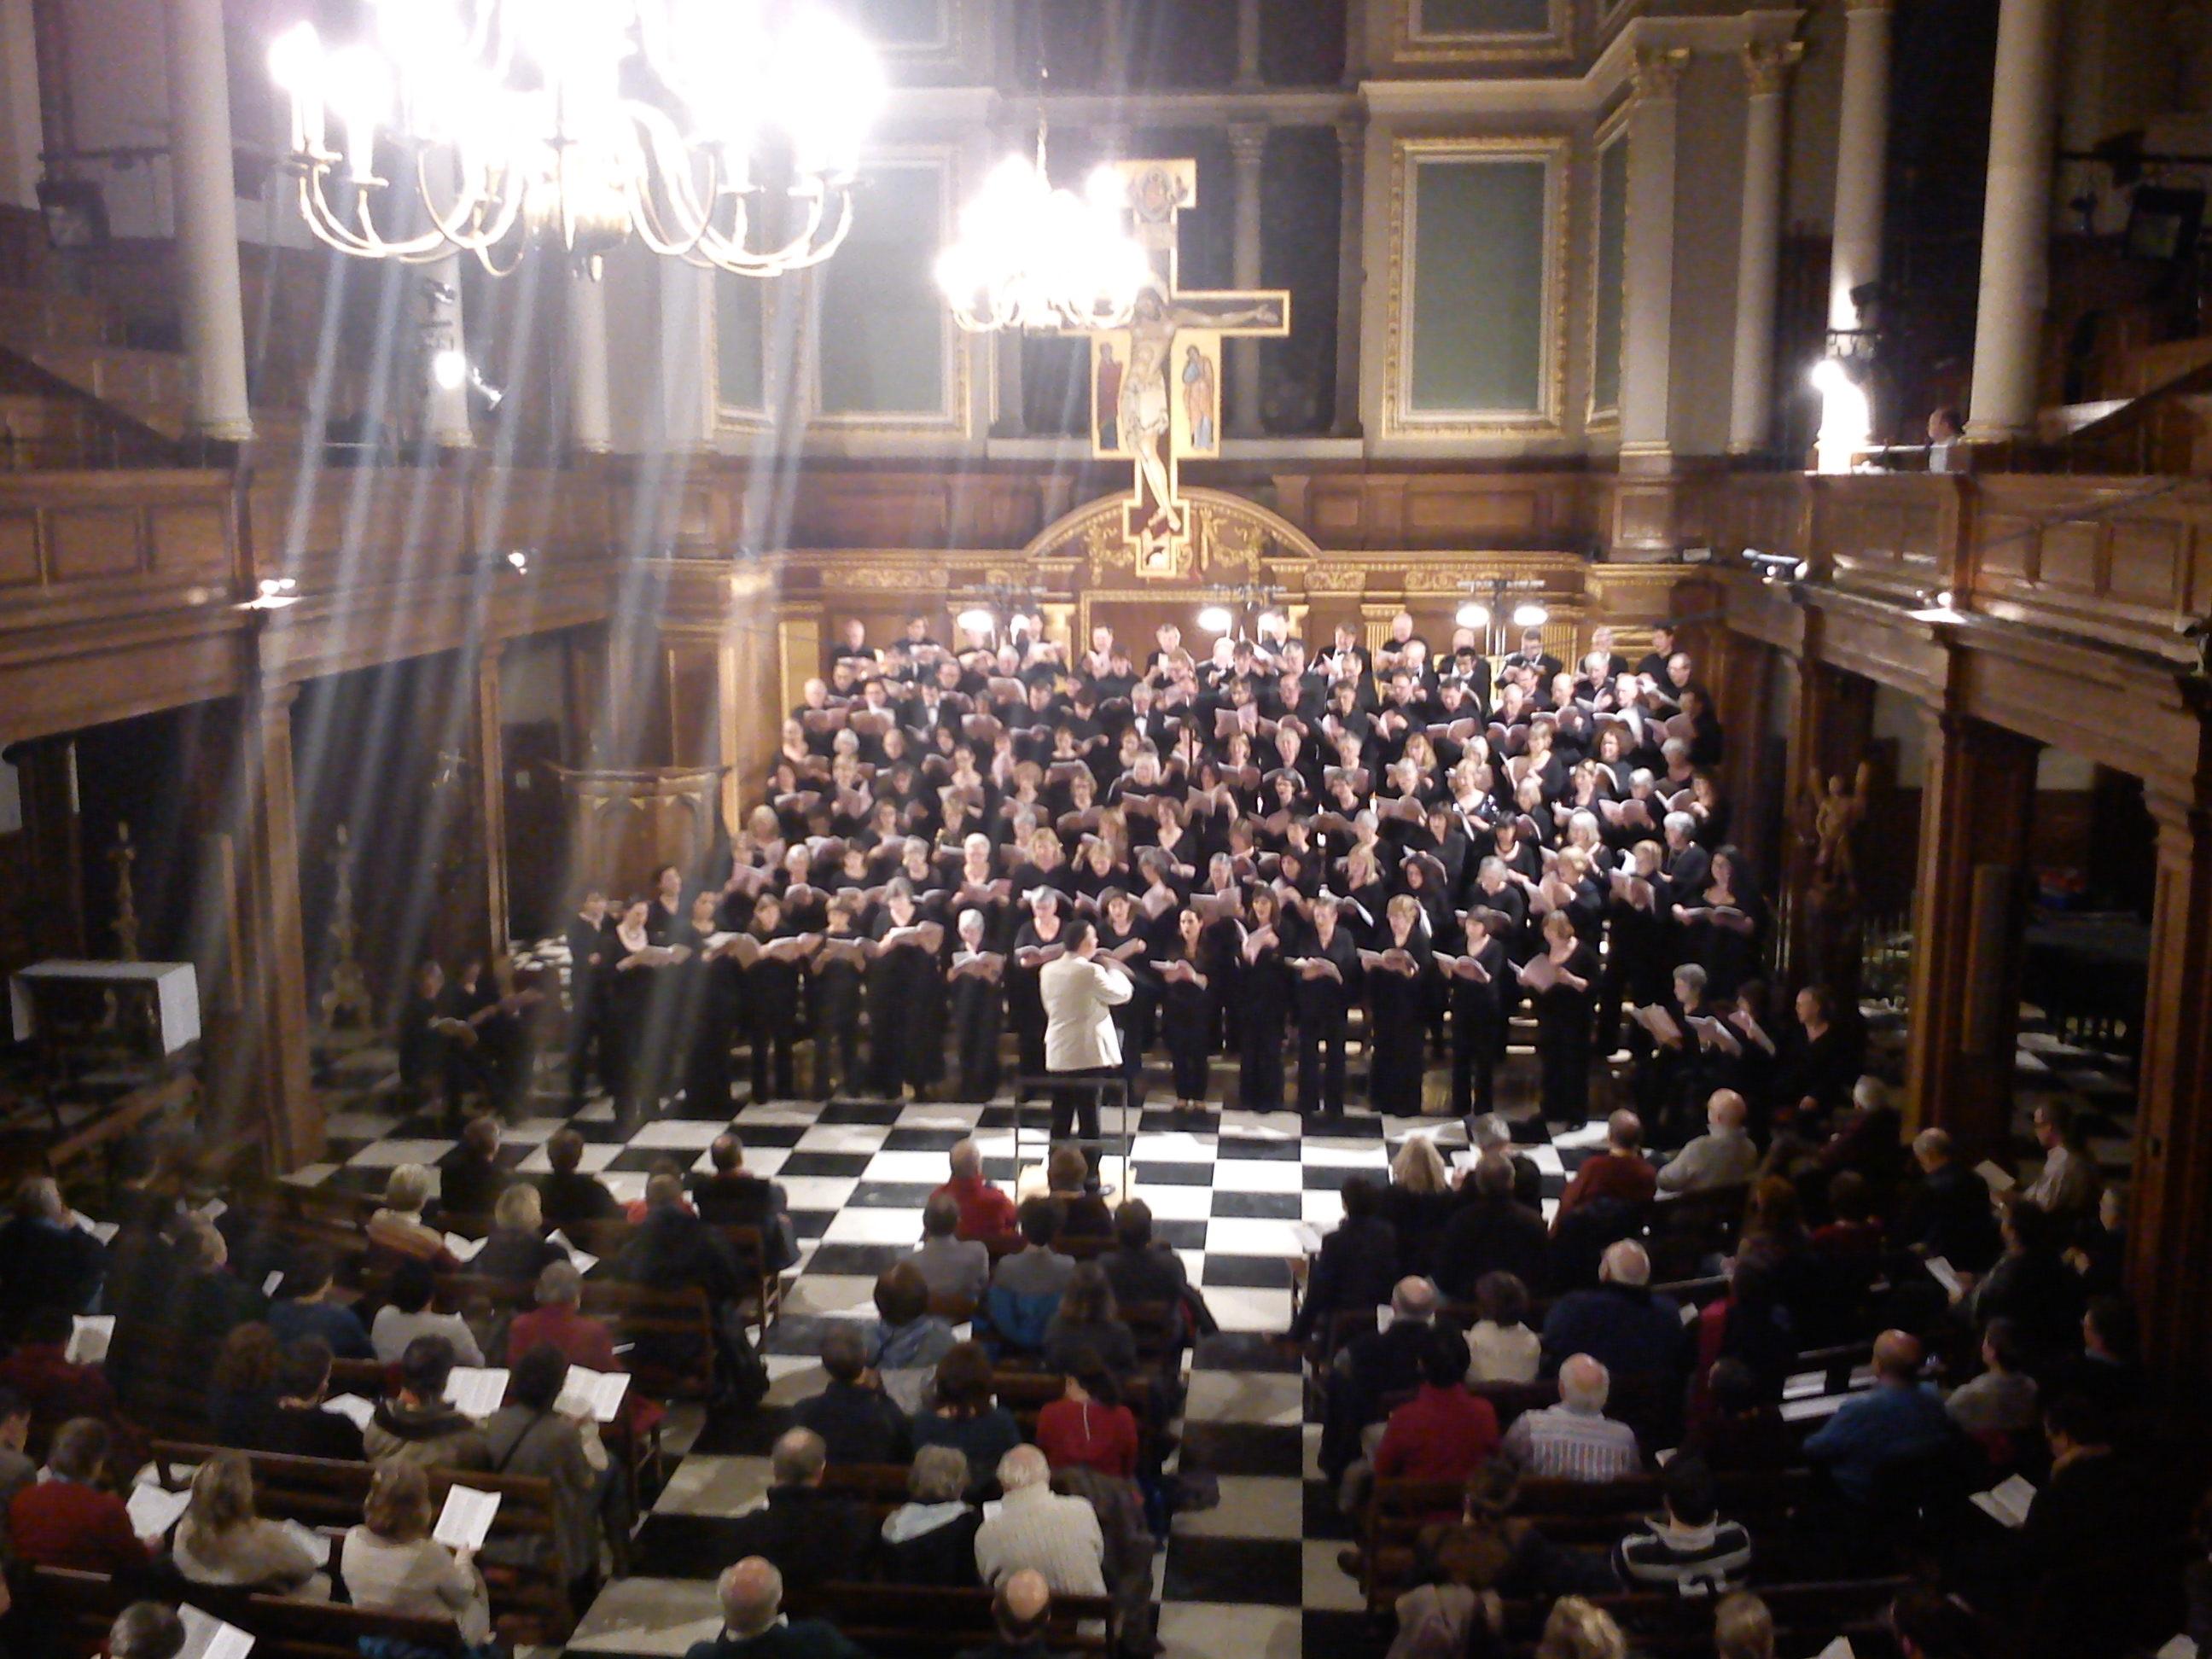 Tallis Festival 2013 concert, St Andrew Holborn